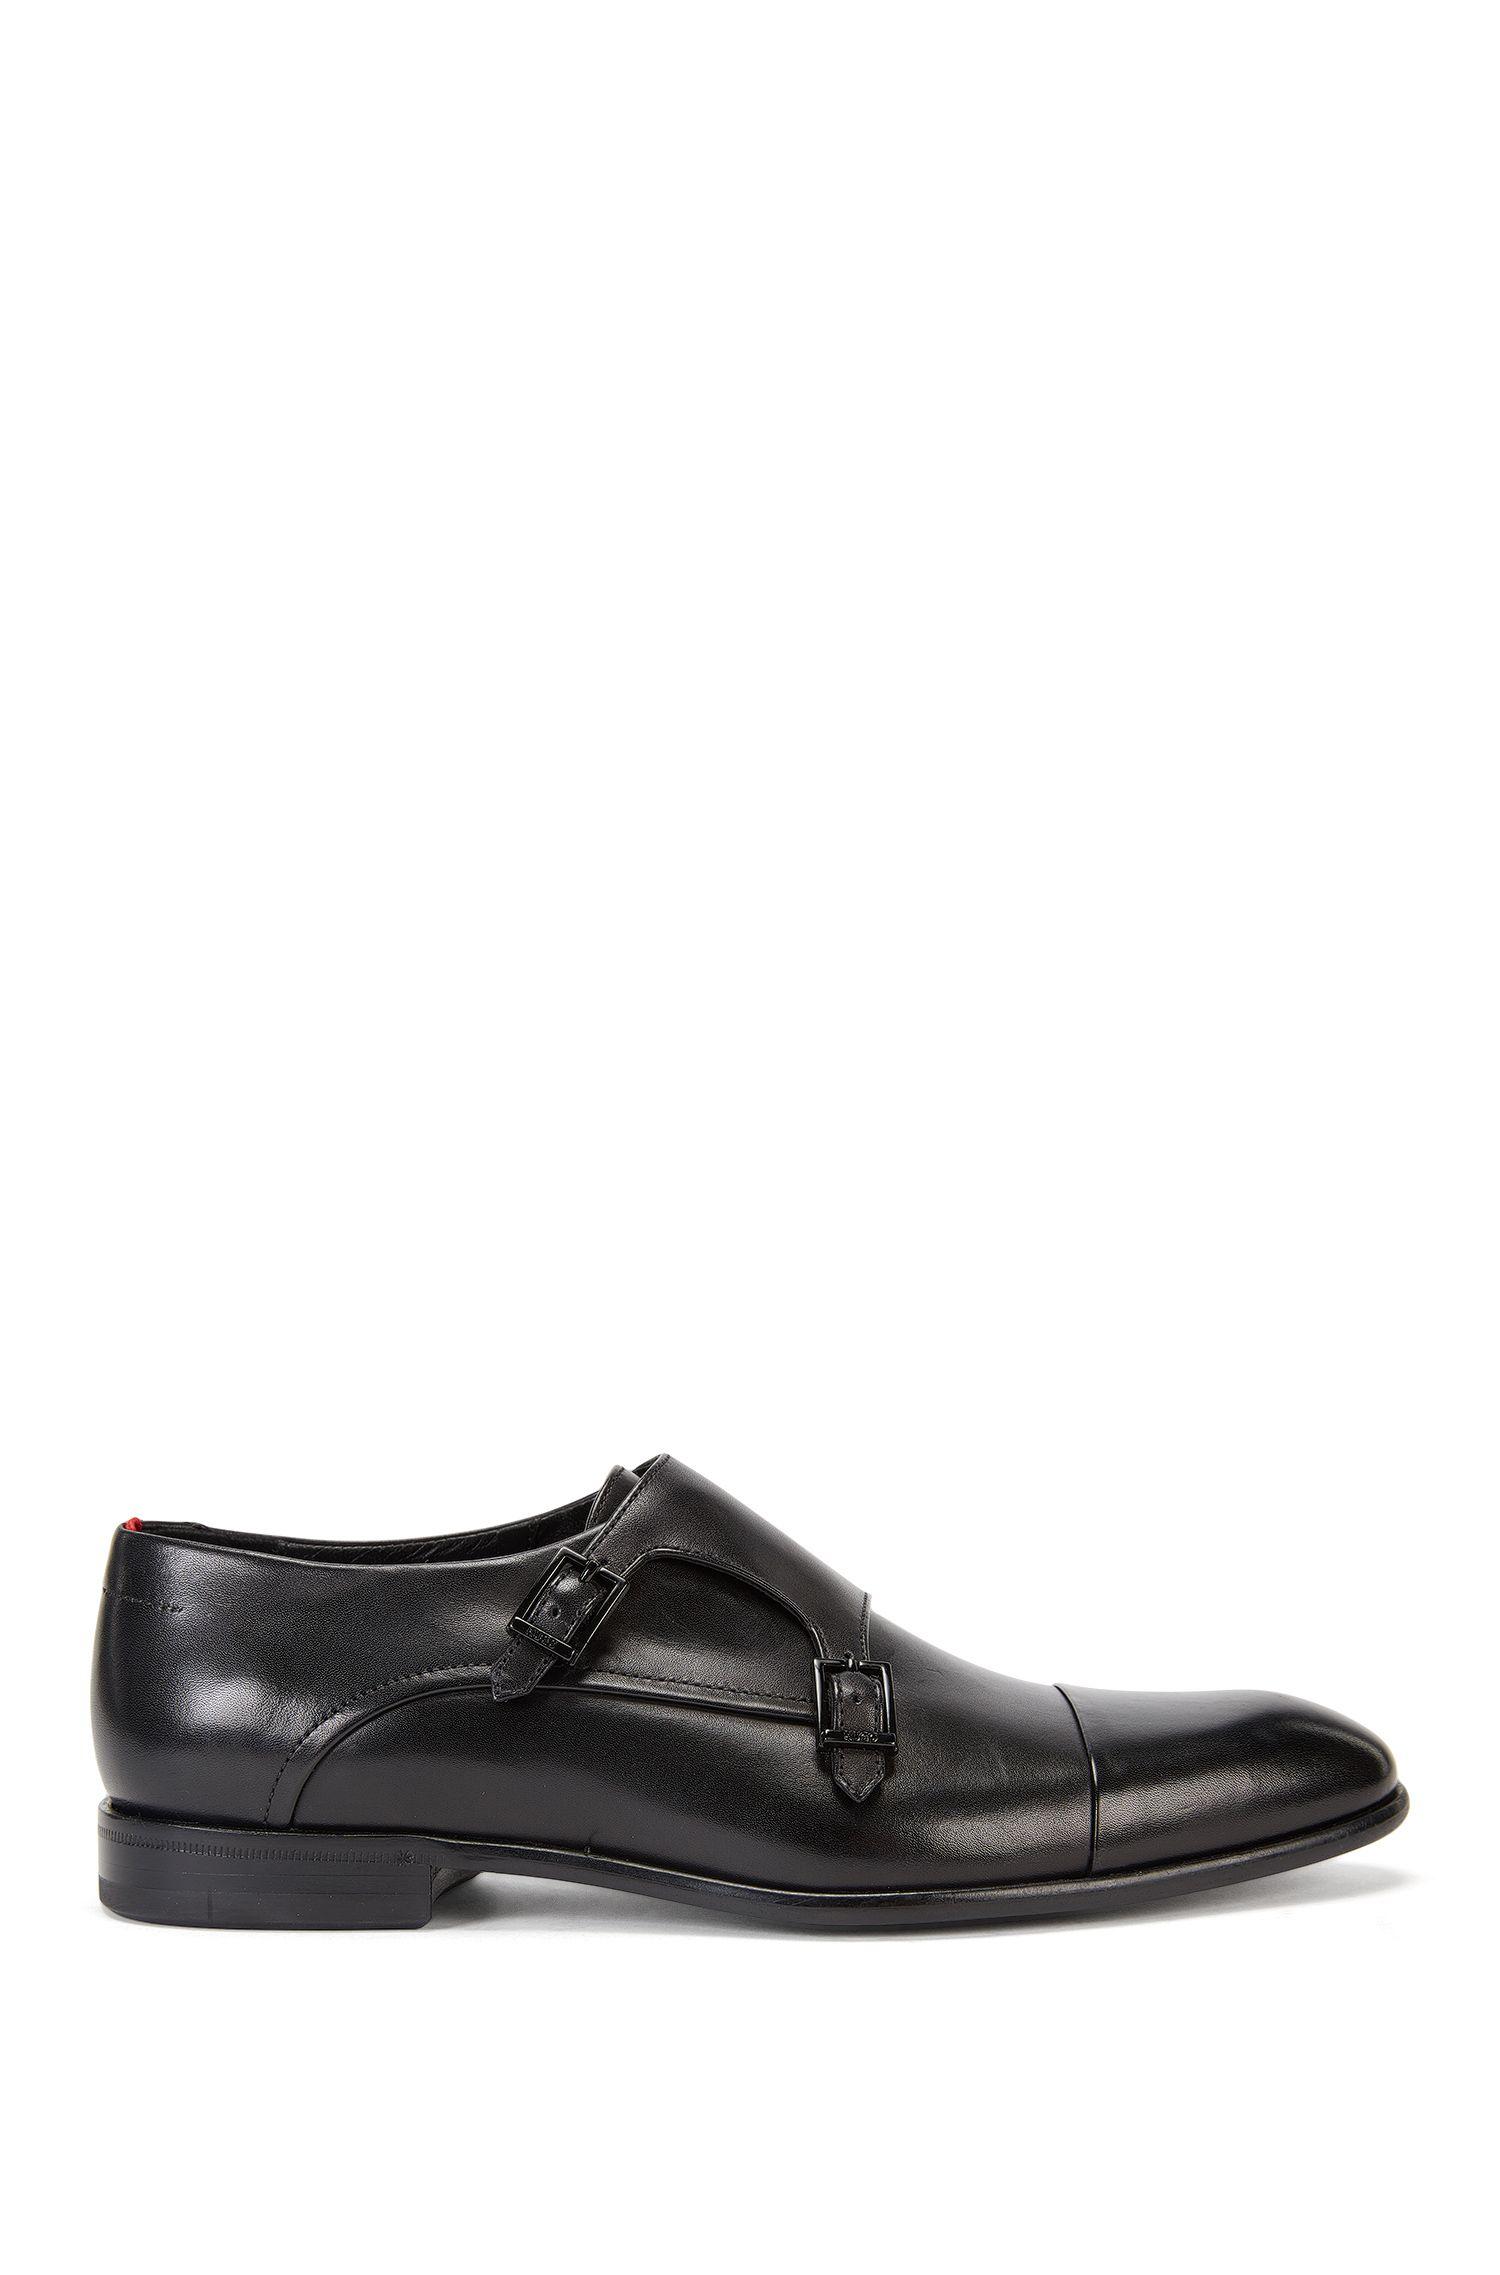 Chaussures à double boucle en cuir vieilli